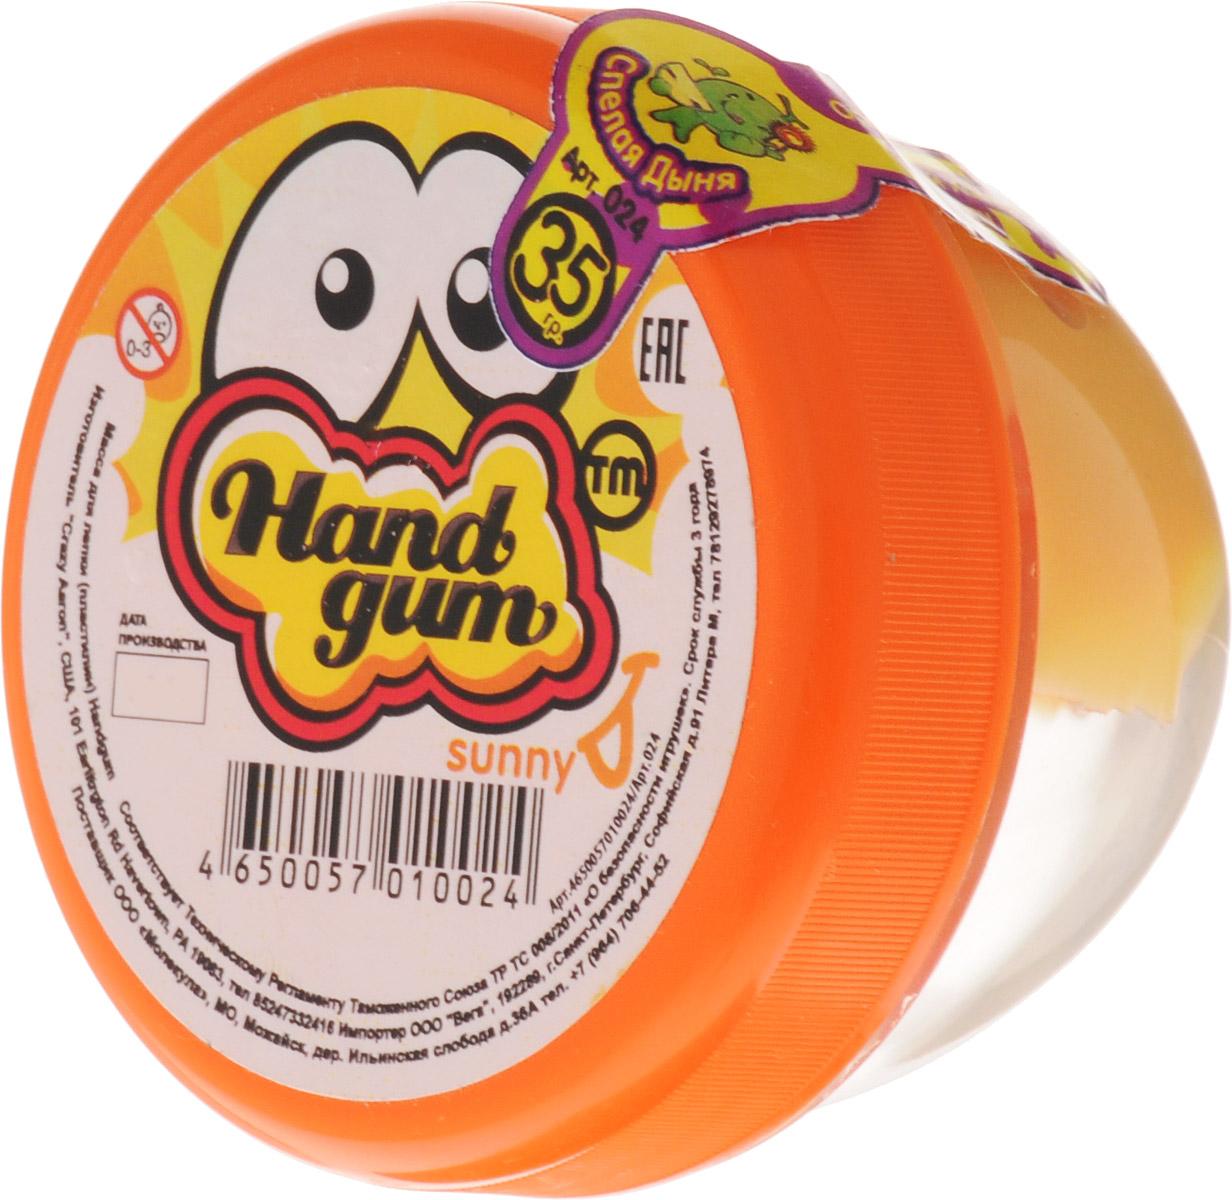 Жвачка для рук ТМ HandGum, цвет: оранжевый хамелеон, с запахом дыни, 35 г10024Жвачка для рук Hand Gum цвета оранжевый хамалеон с запахом дыни подарит вам позитив и хорошие эмоции. Она радует глаз и дарит нежные тактильные ощущения, способствуя хорошему настроению. Жвачка для рук изготовлена из упругого, пластичного и приятного на ощупь материала, ее можно растягивать, как резину, а если сильно дернуть, то можно порвать. Из нее отлично получаются скульптуры, которые живут считанные минуты, постепенно превращаясь в лужи. Прилепите ее на дверную ручку - и он капнет, скатайте шарик и ударьте об пол - он подпрыгнет. Кубик, кстати, тоже подпрыгнет, но совсем не туда, куда ожидается. Уважаемые клиенты! Обращаем ваше внимание на цветовой ассортимент товара. Поставка осуществляется в зависимости от наличия на складе. Характеристики: Цвет: оранжевый хамелеон. Вес: 35 г. Размер упаковки: 5,5 см х 6 см х 6 см.